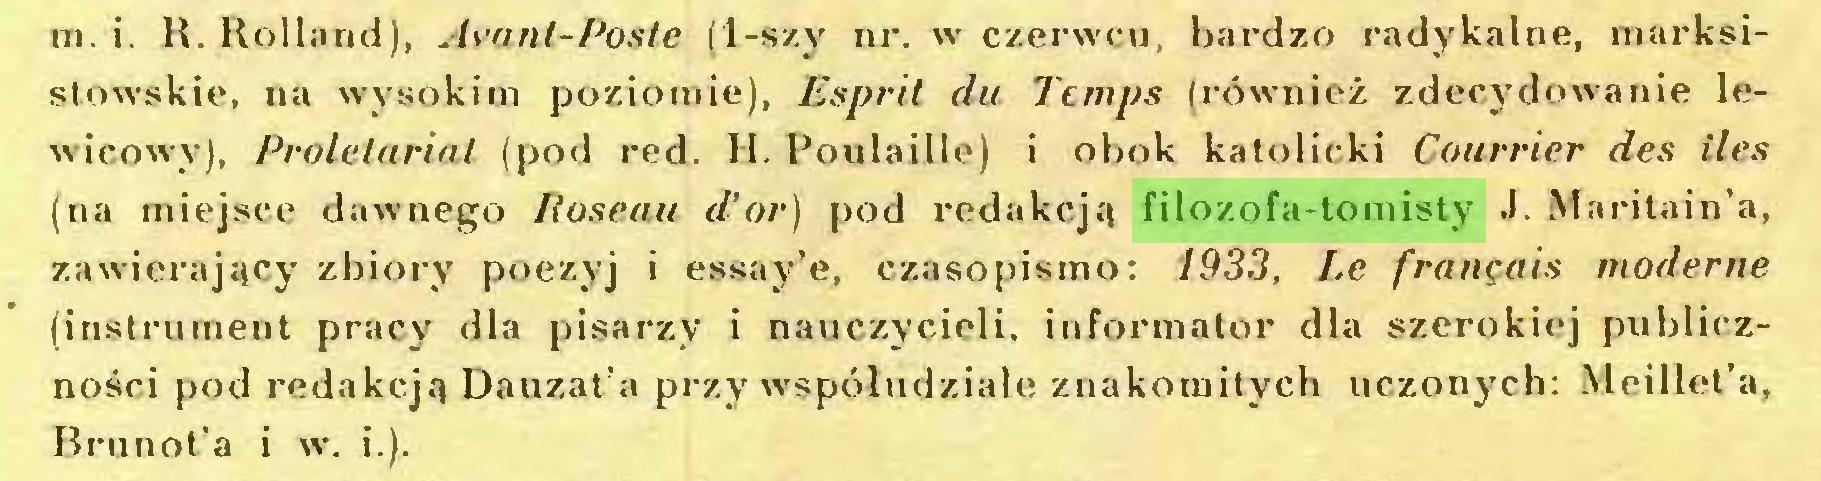 (...) m. i. R. Rolland), Avant-Poste (1-szy nr. w czerwcu, bardzo radykalne, marksistowskie, na wysokim poziomie), Esprit du Temps (również zdecydowanie lewicowy), Proletariat (pod red. H. Poulaille) i obok katolicki Courrier des ileś (na miejsce dawnego Roseau d'or) pod redakcja filozofa-tomisty J. Maritain'a, zawierający zbiory poezyj i essay'e, czasopismo: 1933, Le français moderne (instrument pracy dla pisarzy i nauczycieli, informator dla szerokiej publiczności pod redakcją Dauzat'a przy współudziale znakomitych uczonych: Meillet'a, Brunot'a i w. i.)...